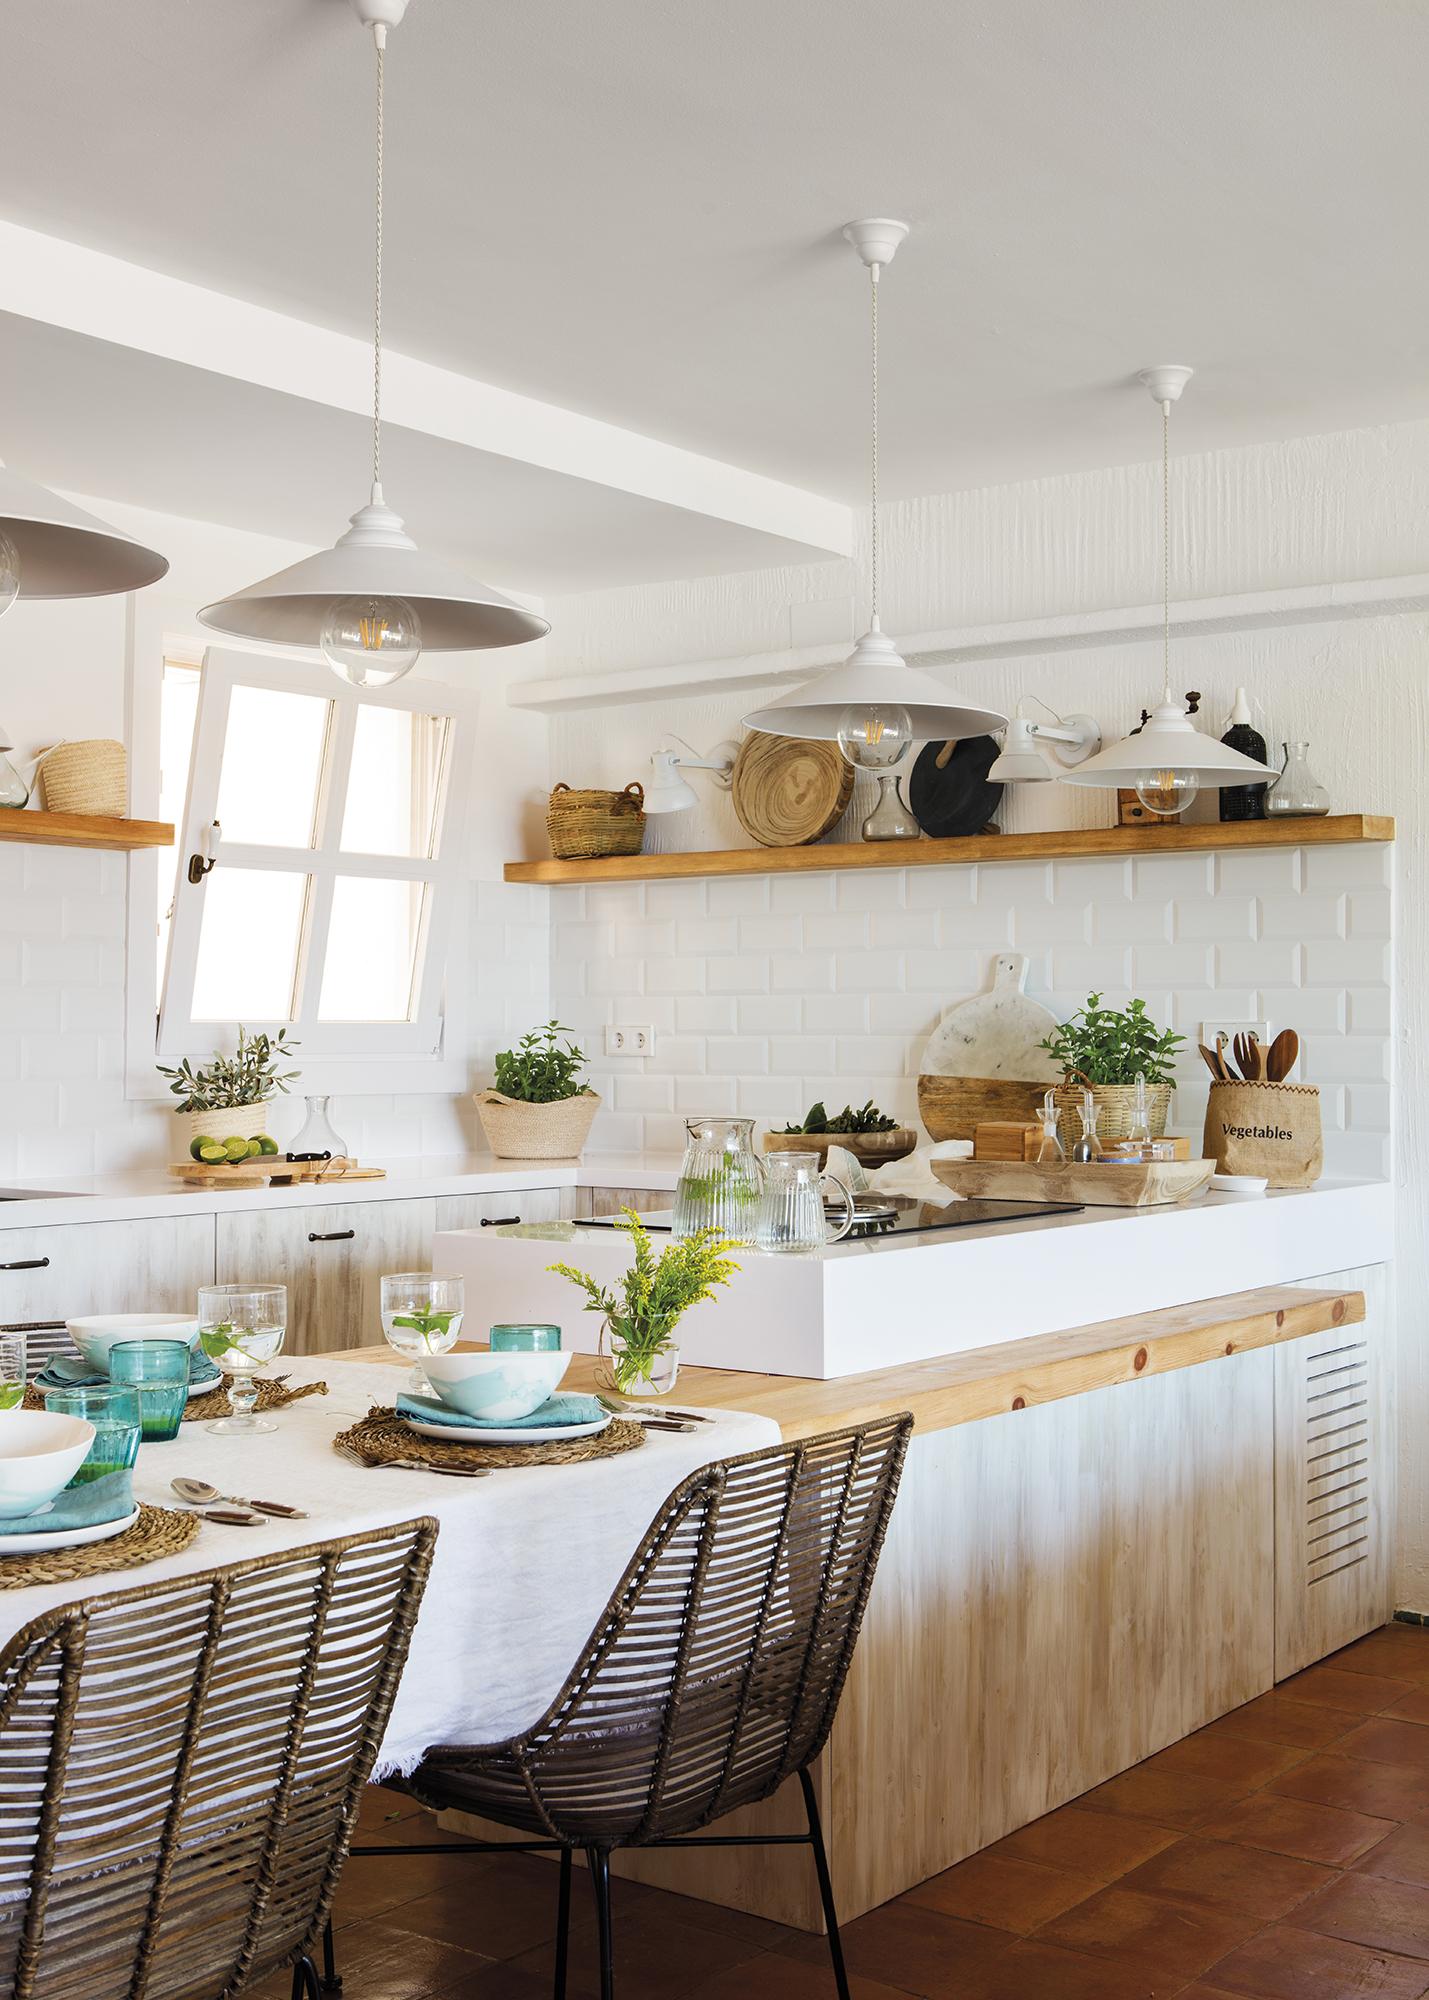 Pano715-716. Cocina en blanco y madera con office y azulejos subway